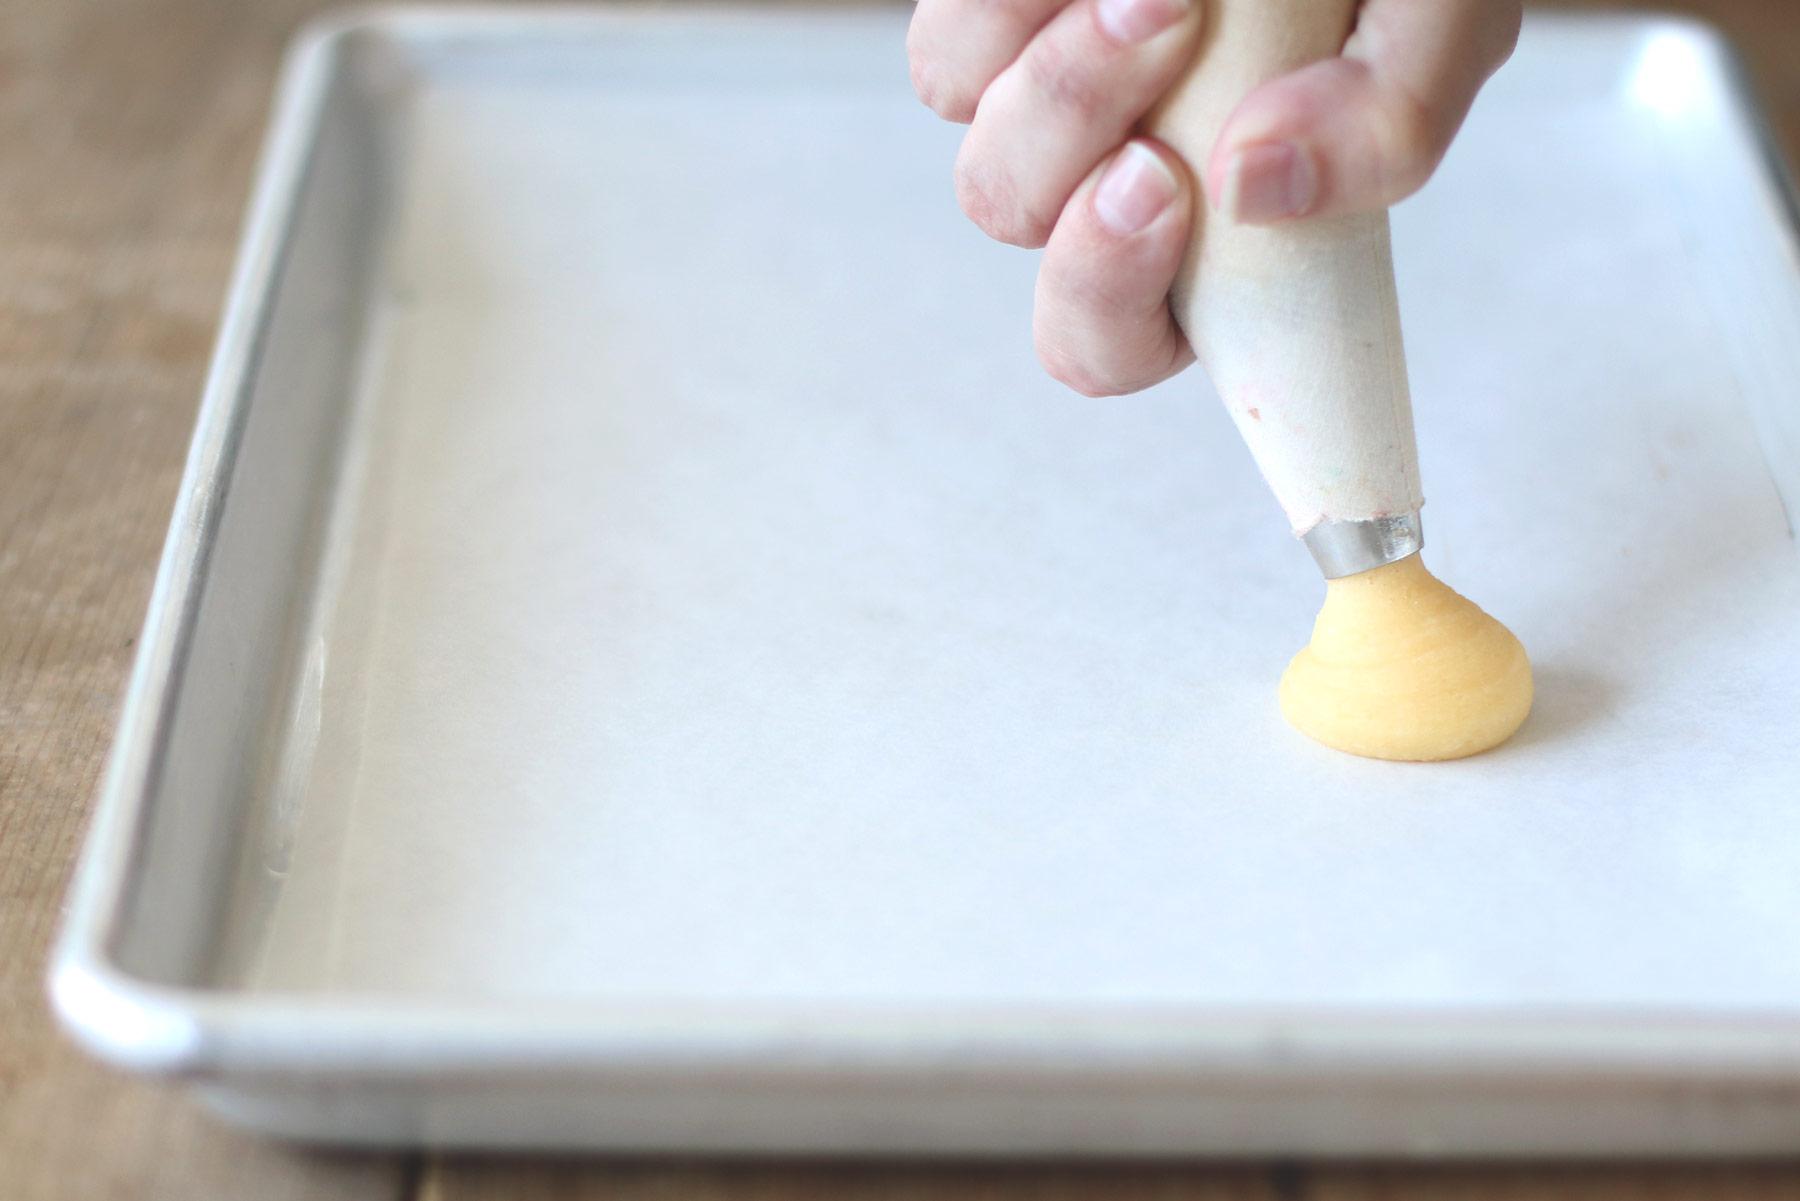 Cream puffs by Orson Gygi